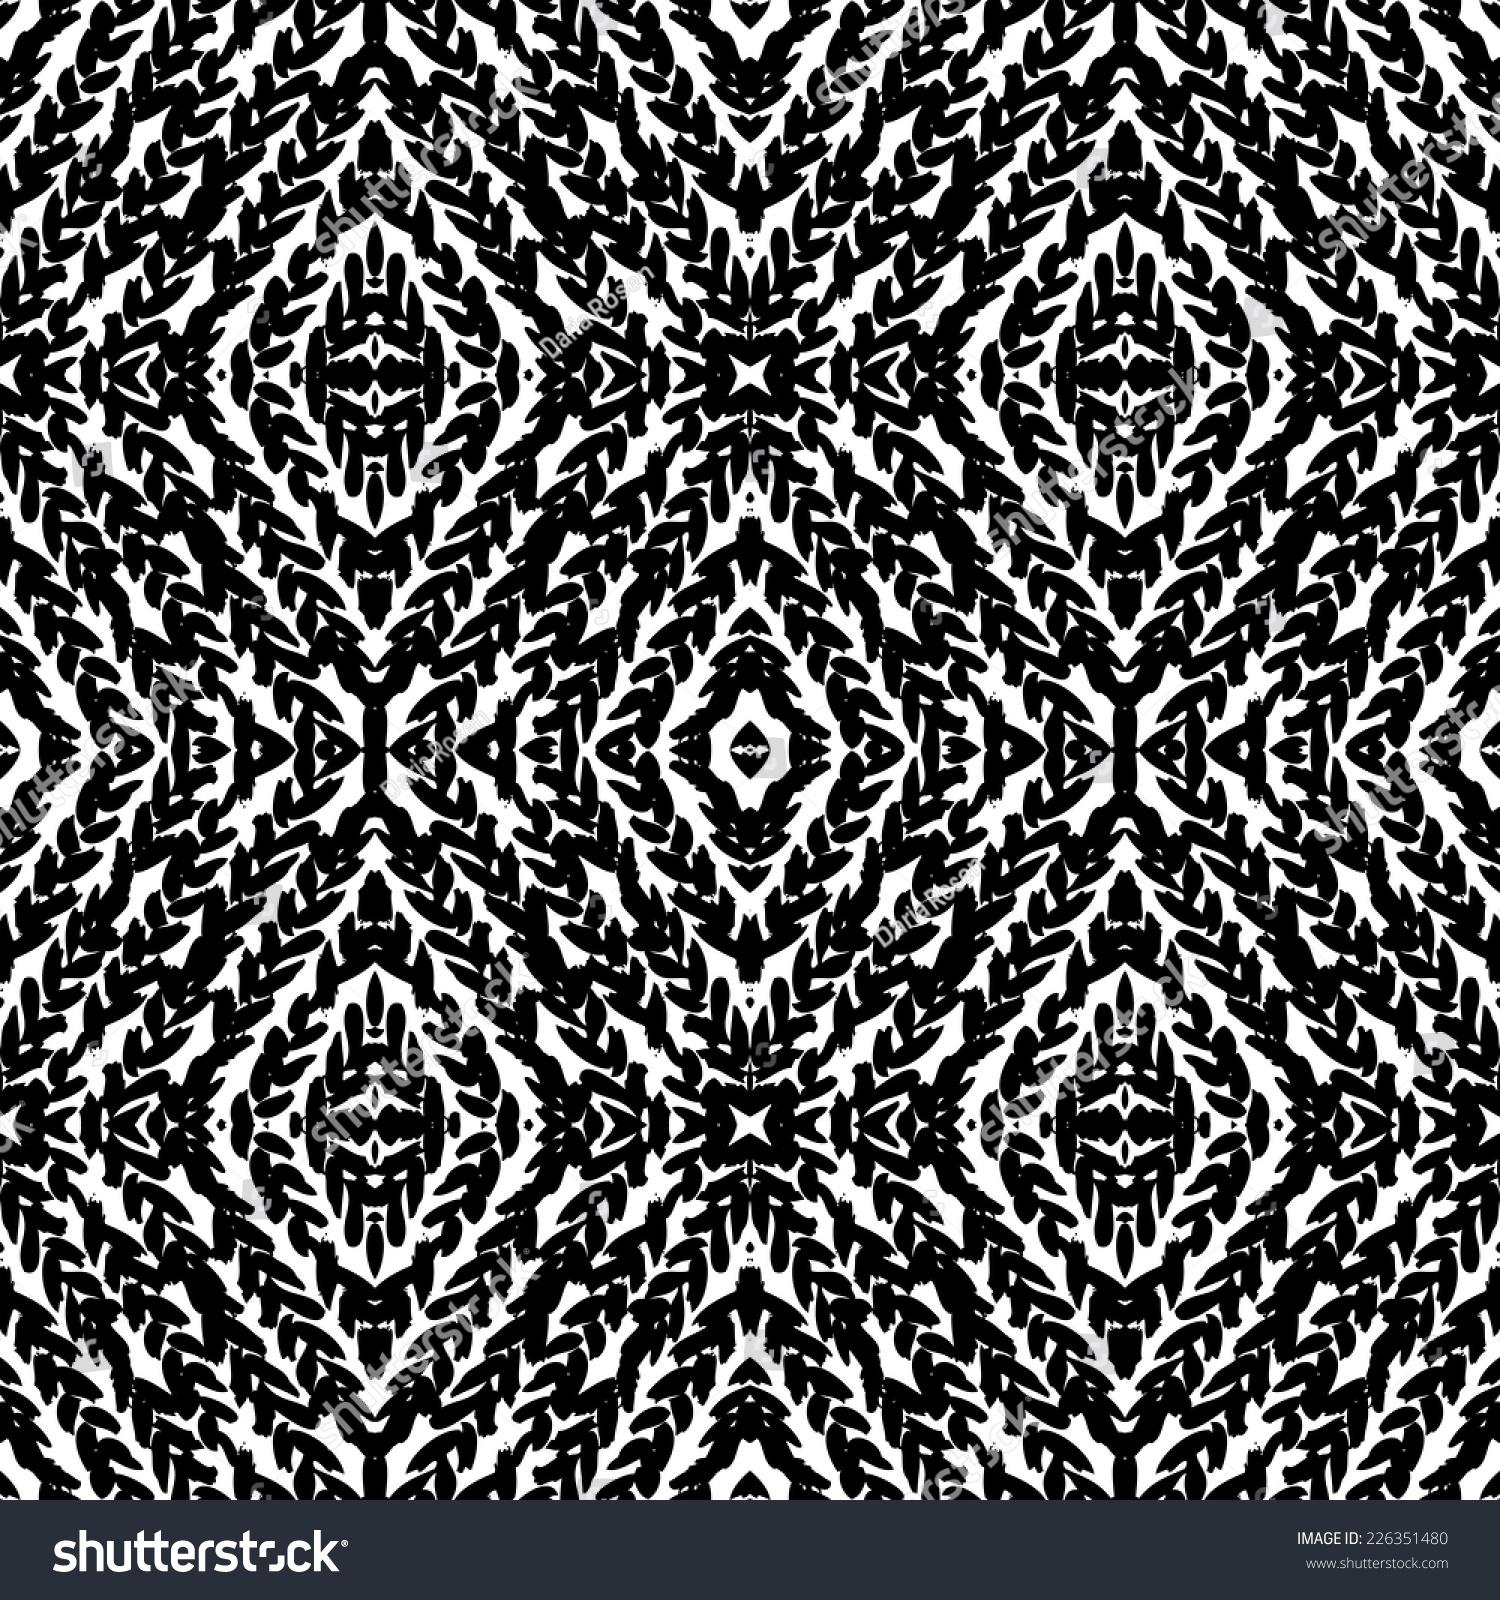 手绘模式与手绘的辫子,笔触,墨水痕迹,锯齿形线。枯燥乏味的向量与种族和部落无缝纹理图案在秋季冬季时尚黑白颜色 - 背景/素材,抽象 - 站酷海洛创意正版图片,视频,音乐素材交易平台 - Shutterstock中国独家合作伙伴 - 站酷旗下品牌